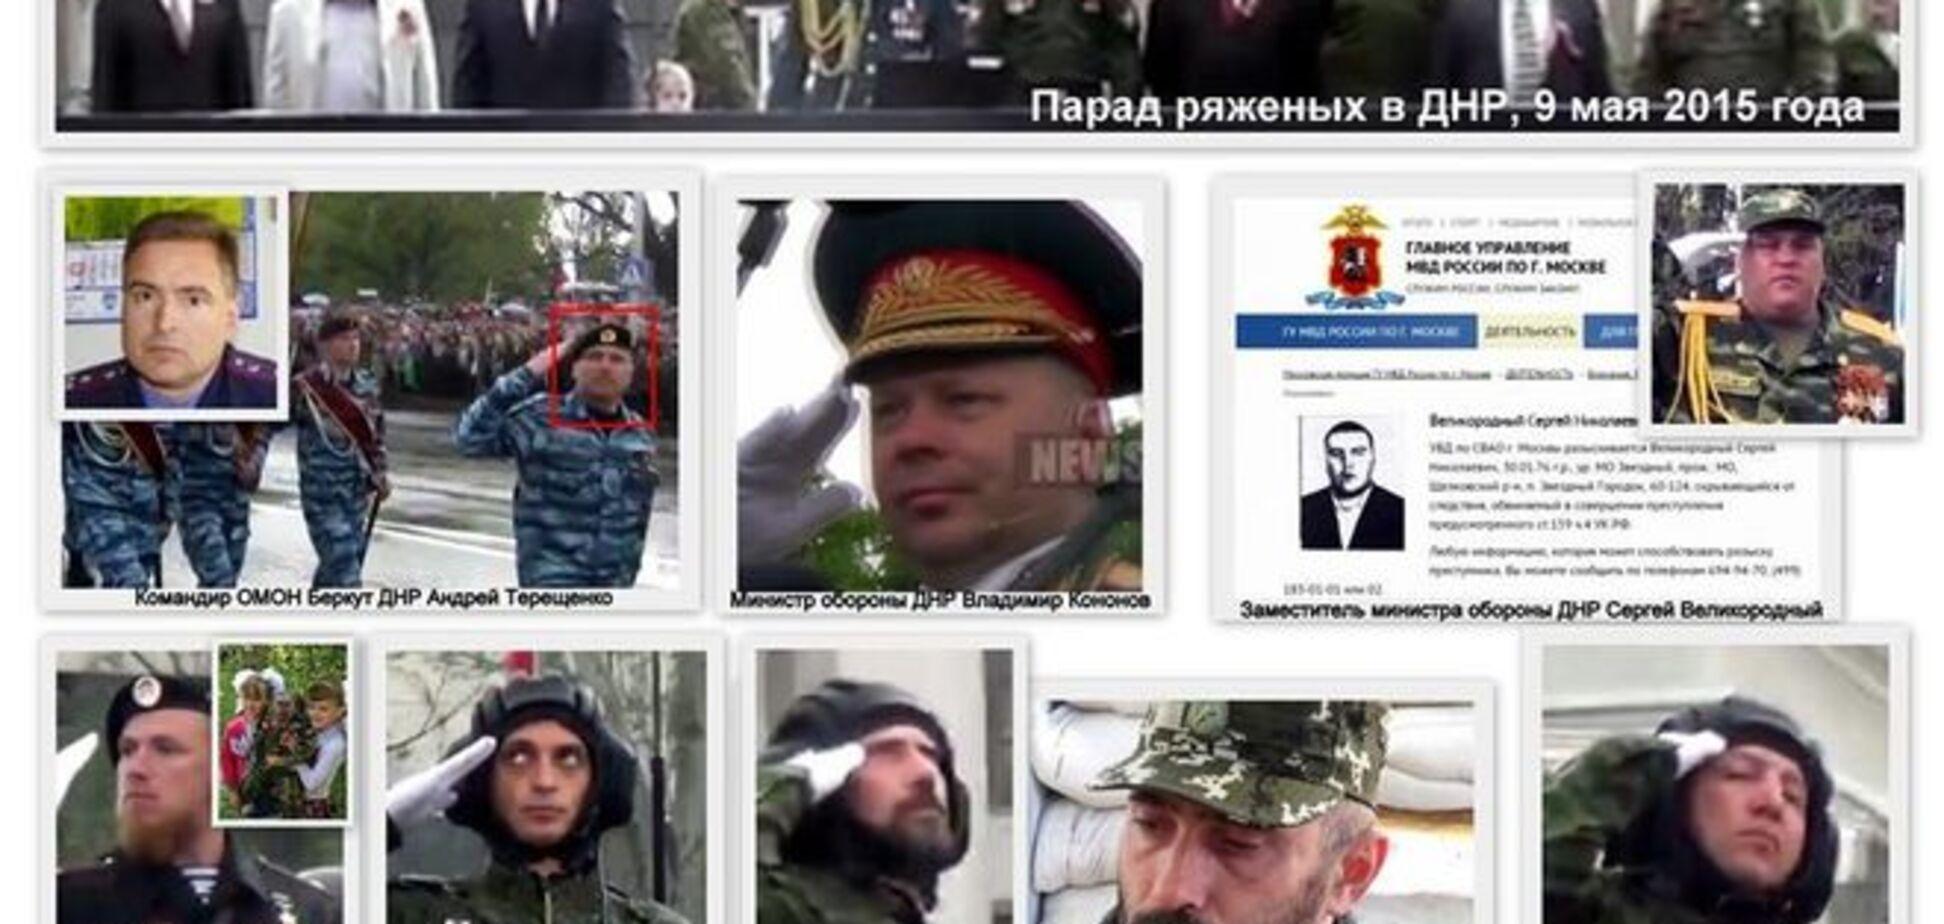 Ряджені так званої 'ДНР': МВС опублікувало дані учасників 'параду' в Донецьку